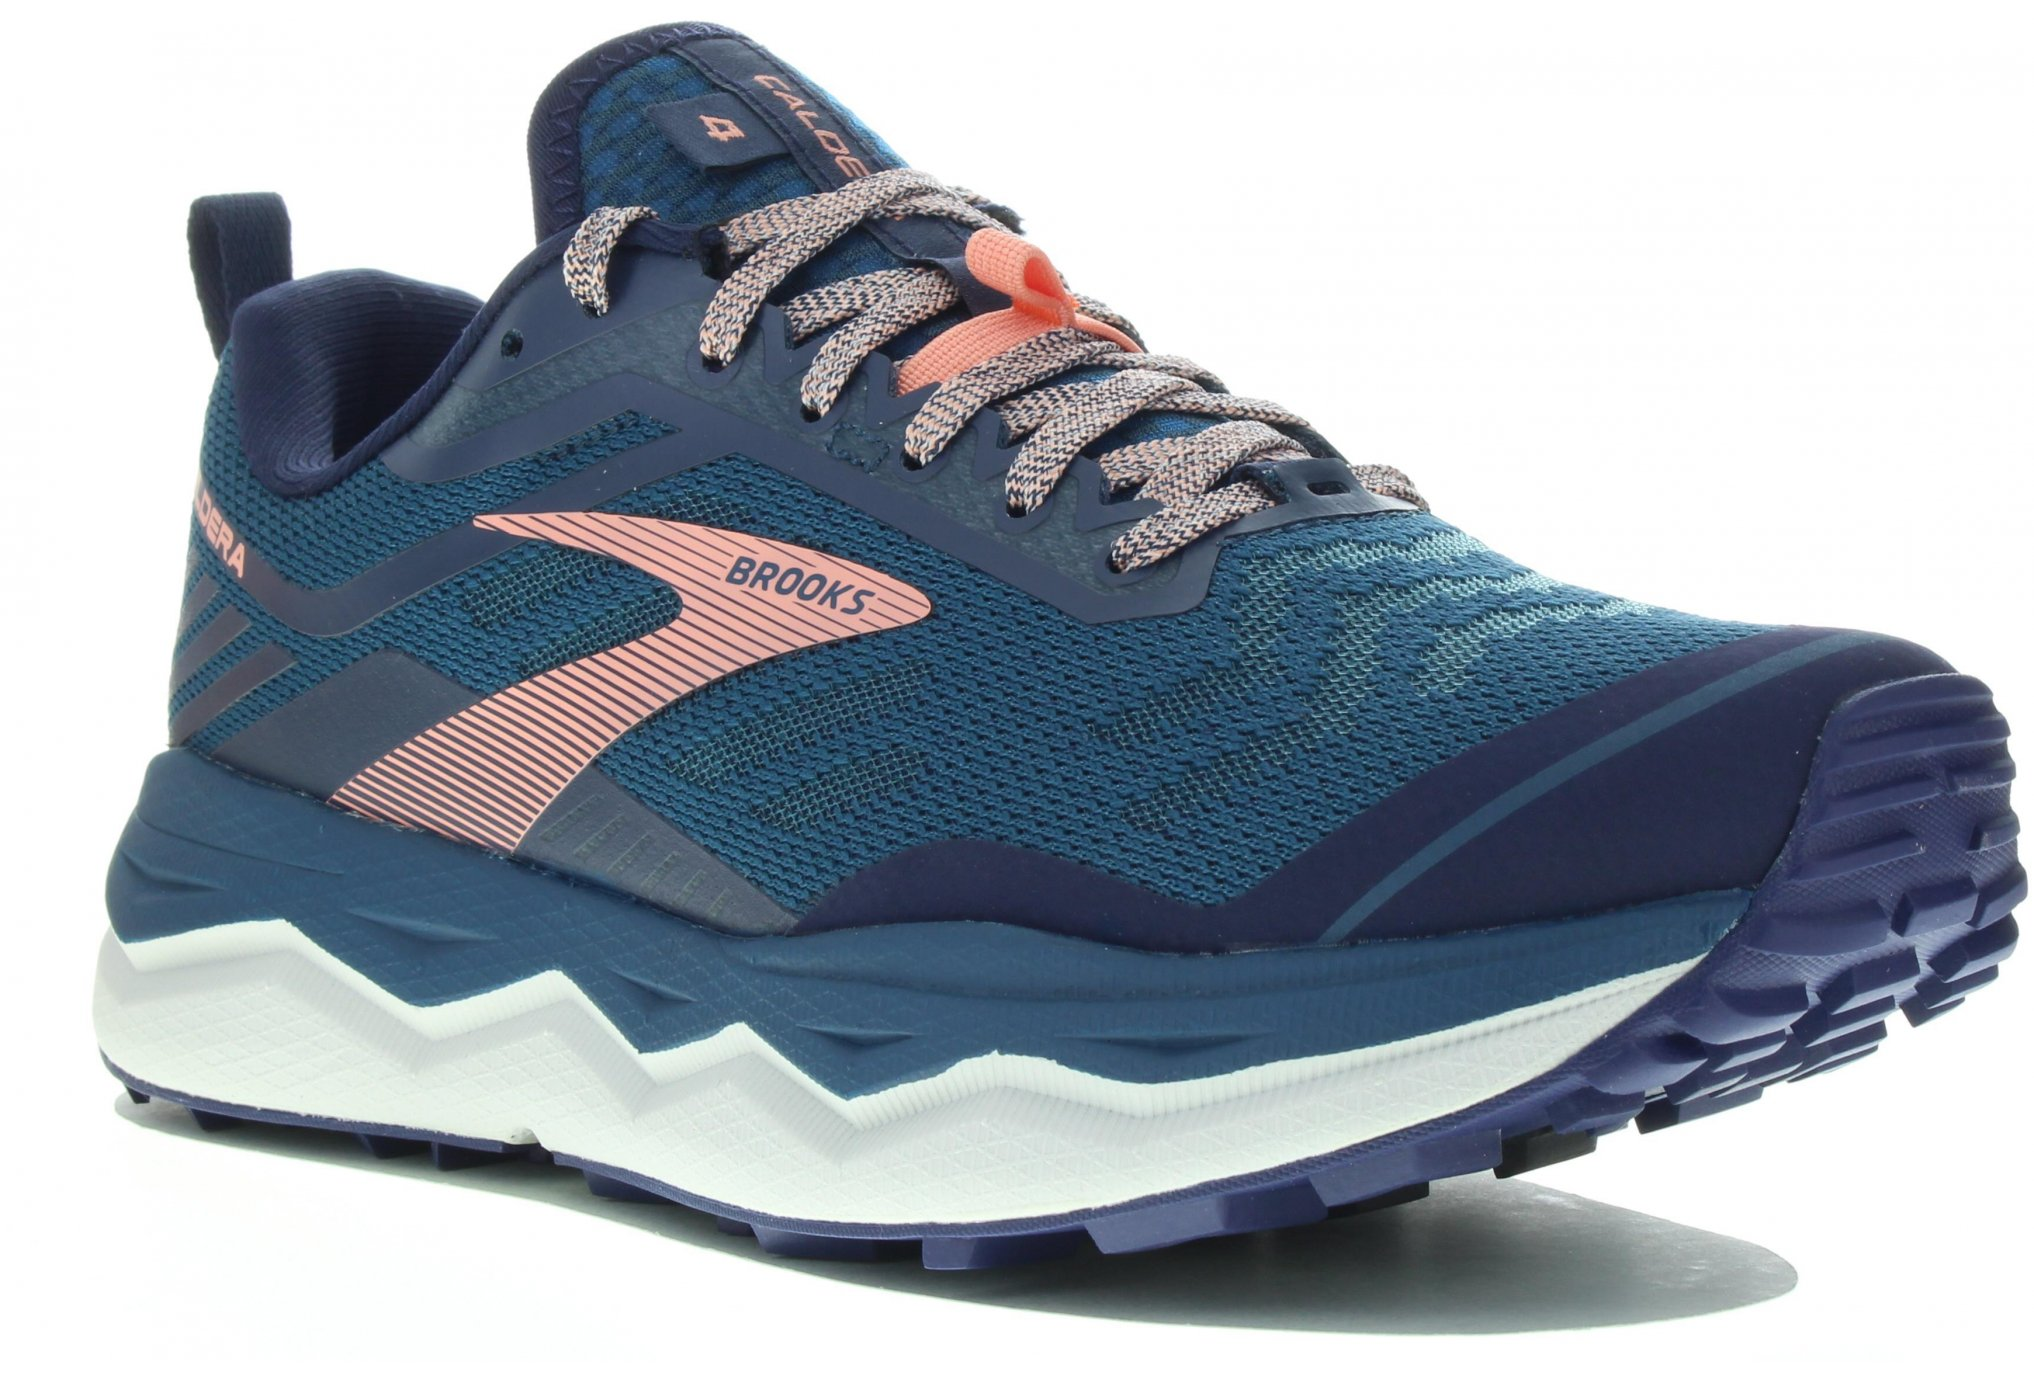 Brooks Caldera 4 Chaussures running femme